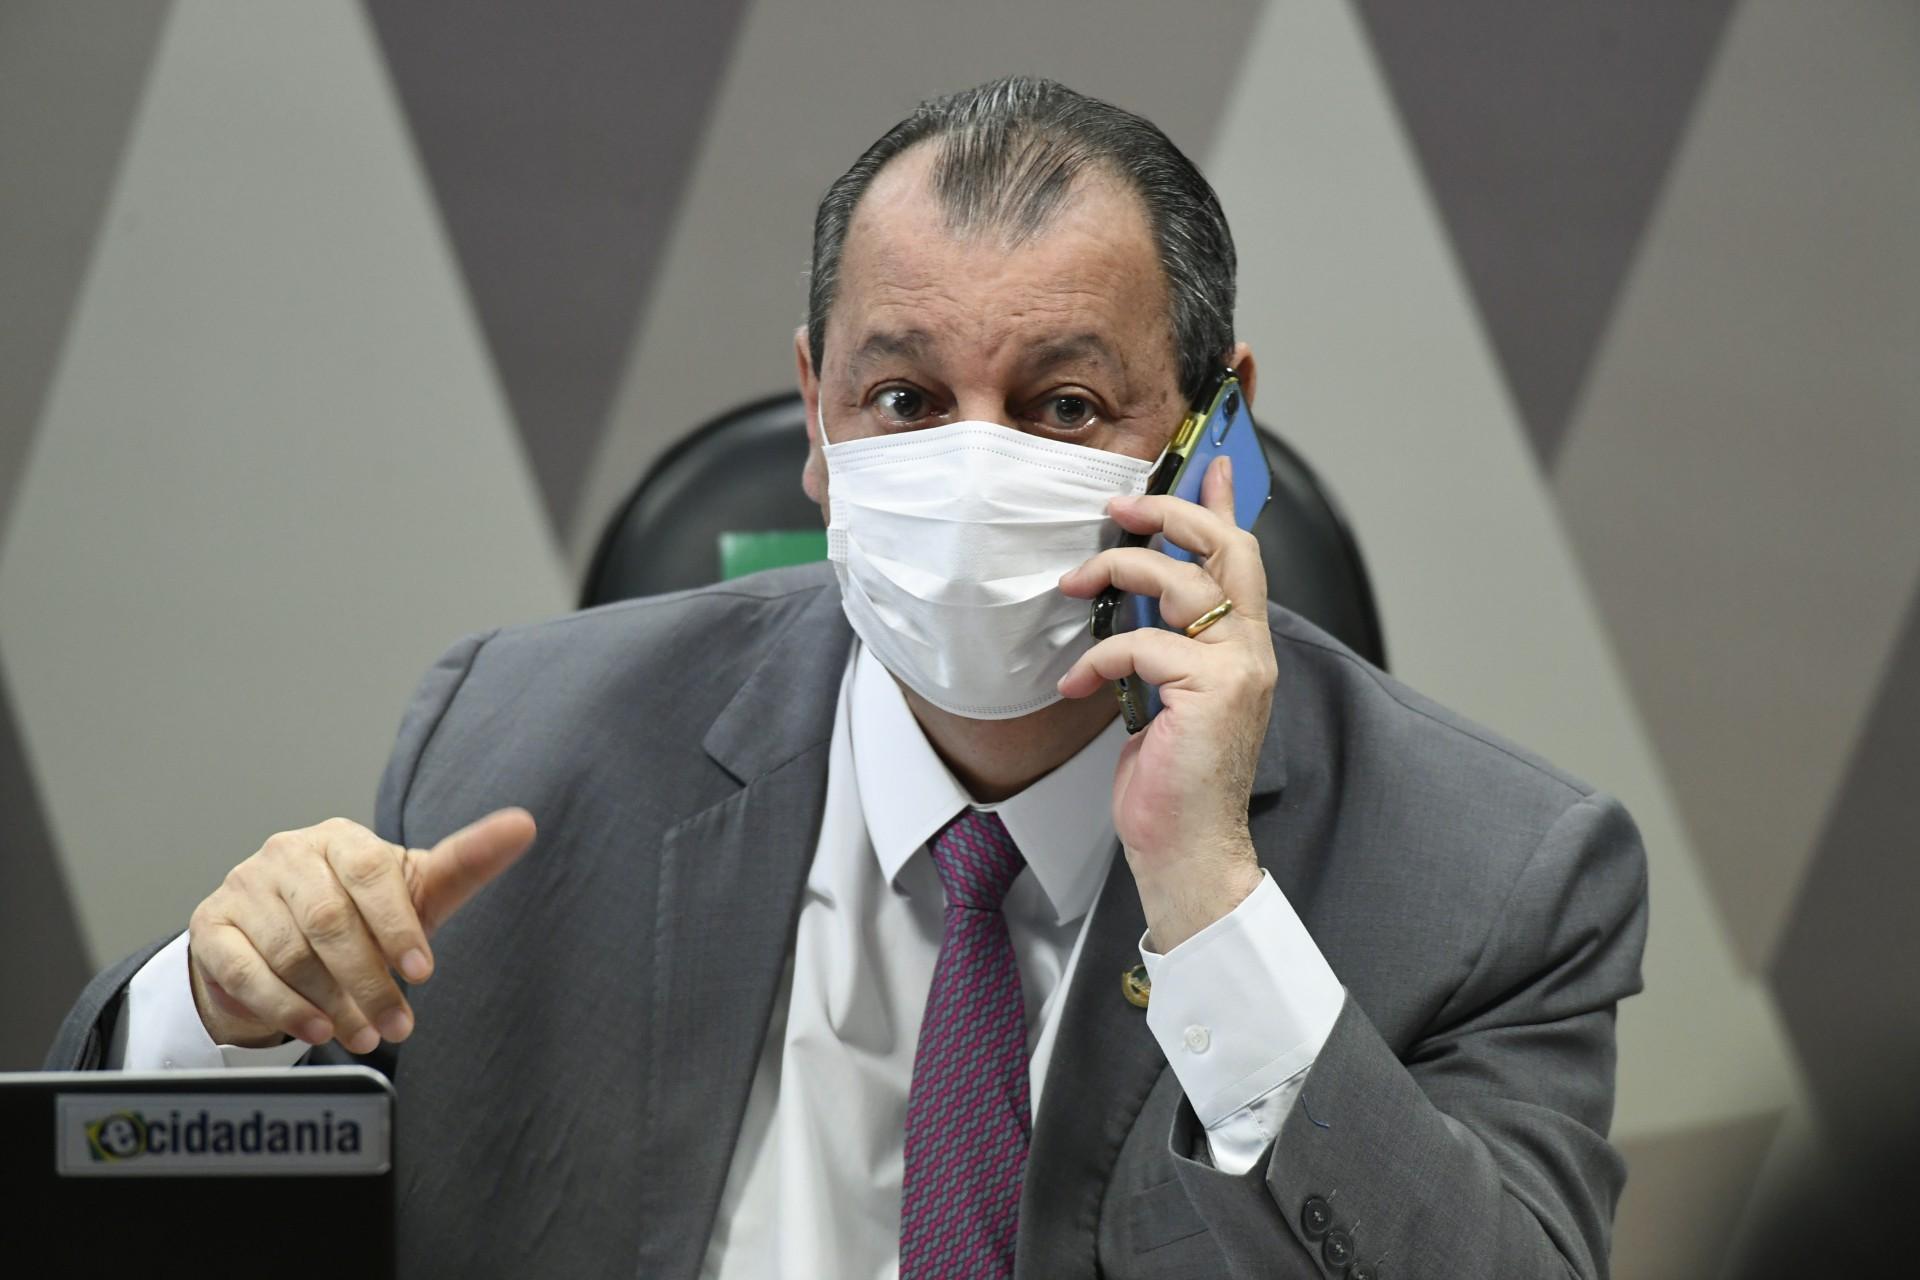 PRESIDENTE da CPI, Omar Aziz criticou o Carlos Wizard por não ter comparecido ao depoimento